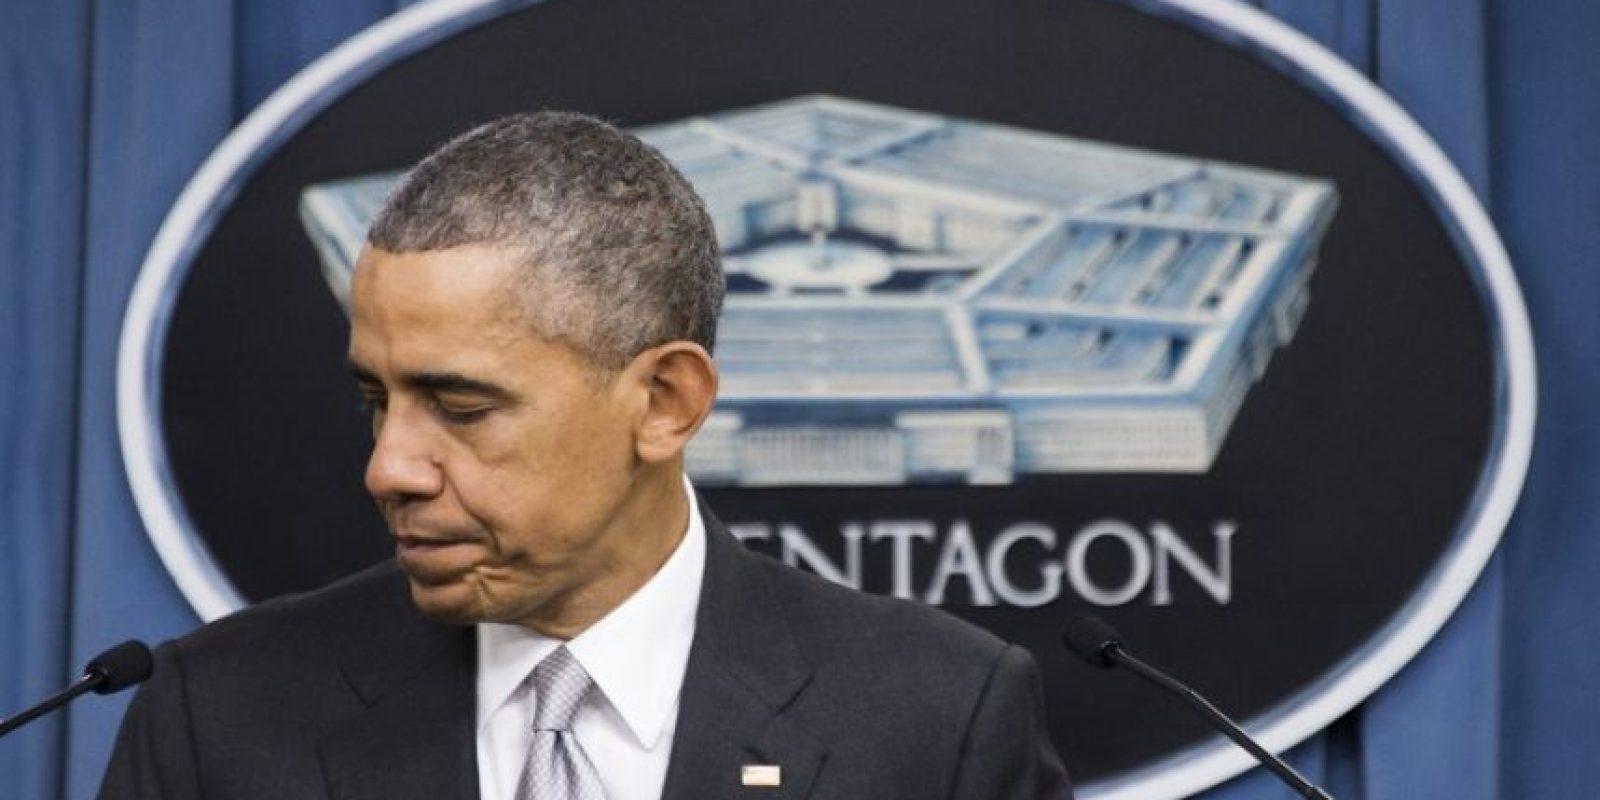 El Pentágono ha invitado a los hackers a atacar sus páginas de Internet. Foto:AFP